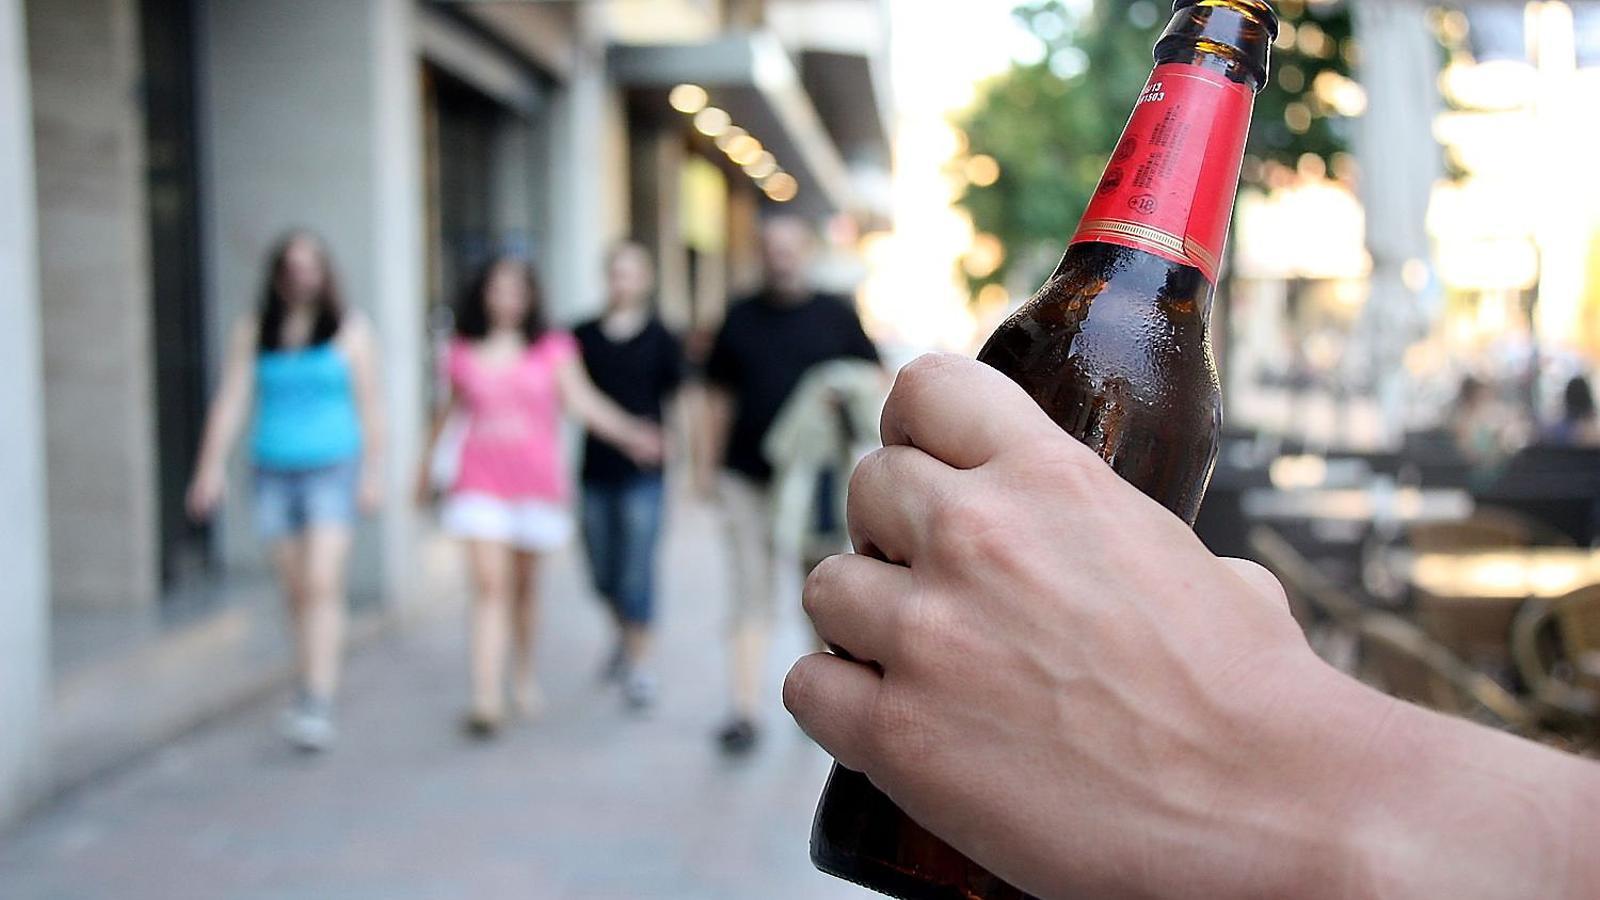 El tractament més sol·licitat és el de l'alcohol, seguit del que serveix per deixar la cocaïna.